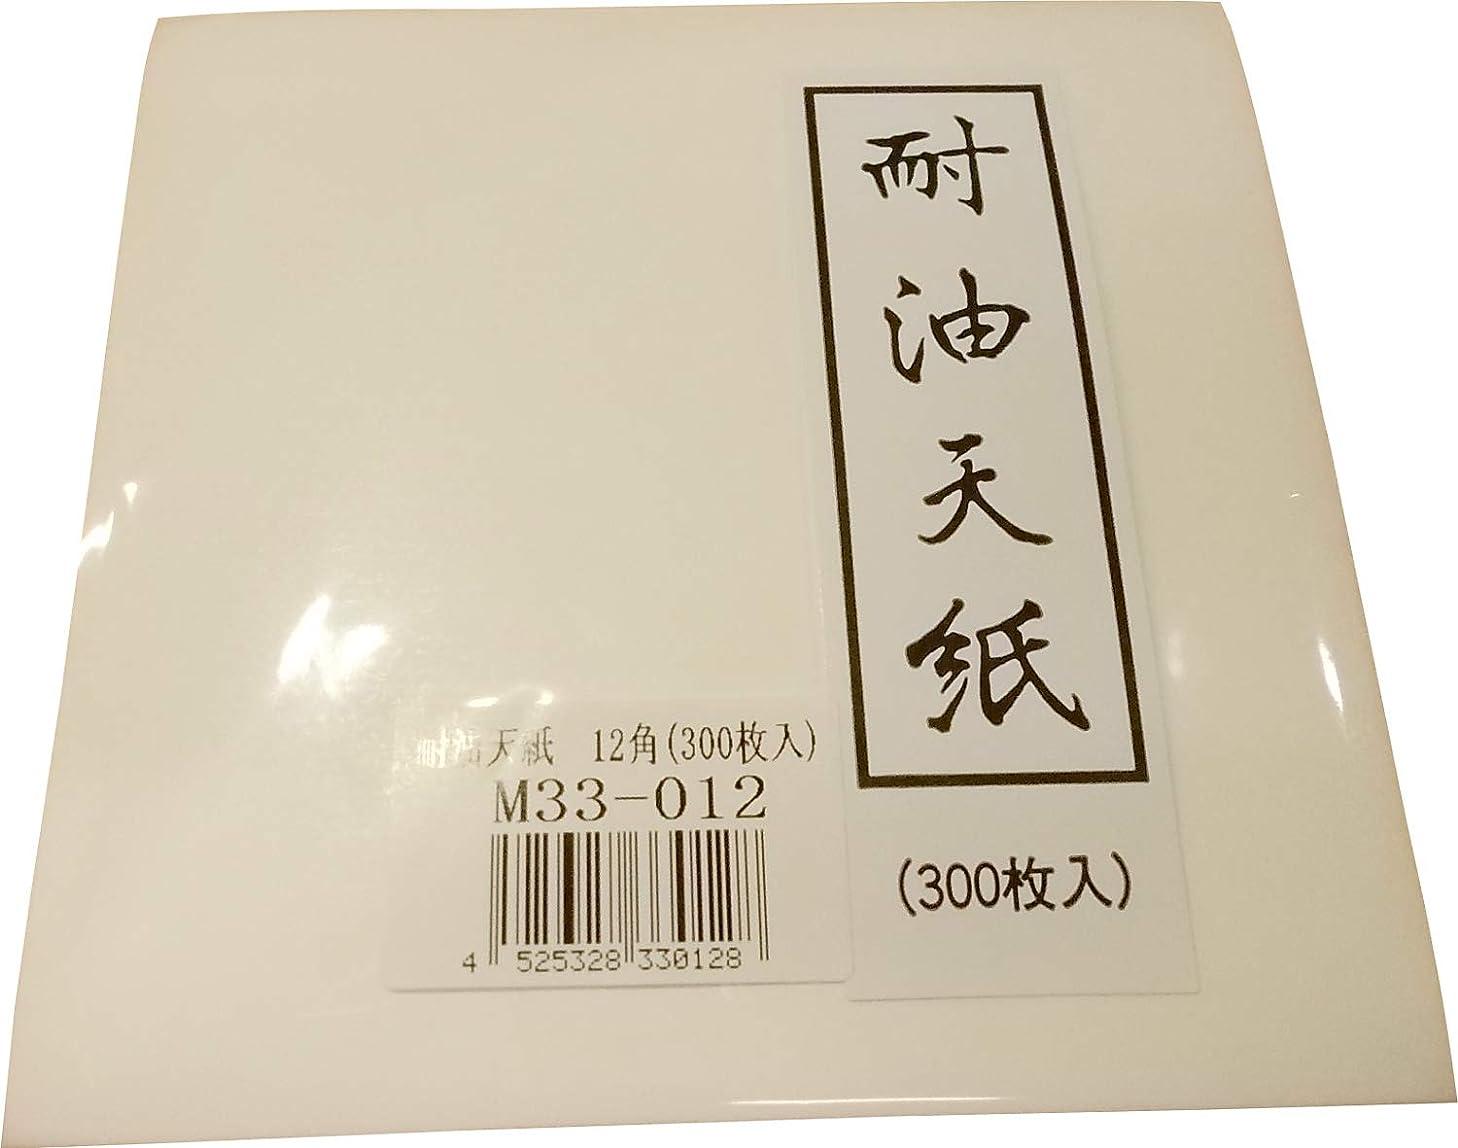 忘れっぽい通知する元気な耐油天紙(300枚入)120×120 M33-012